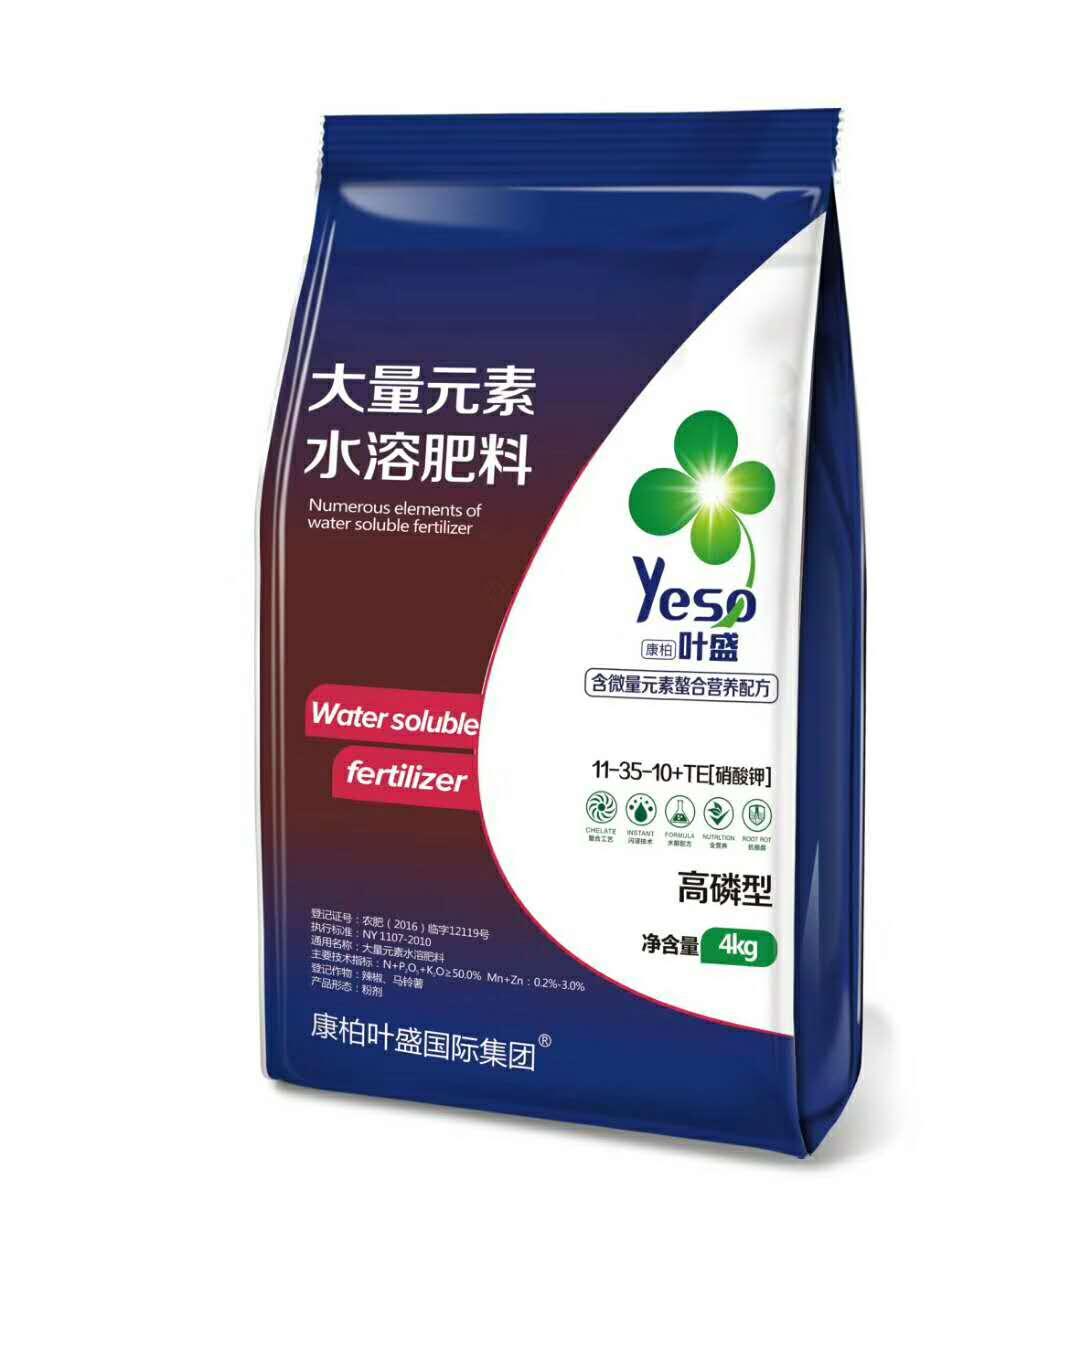 高磷型大量元素亚虎官网app客户端肥